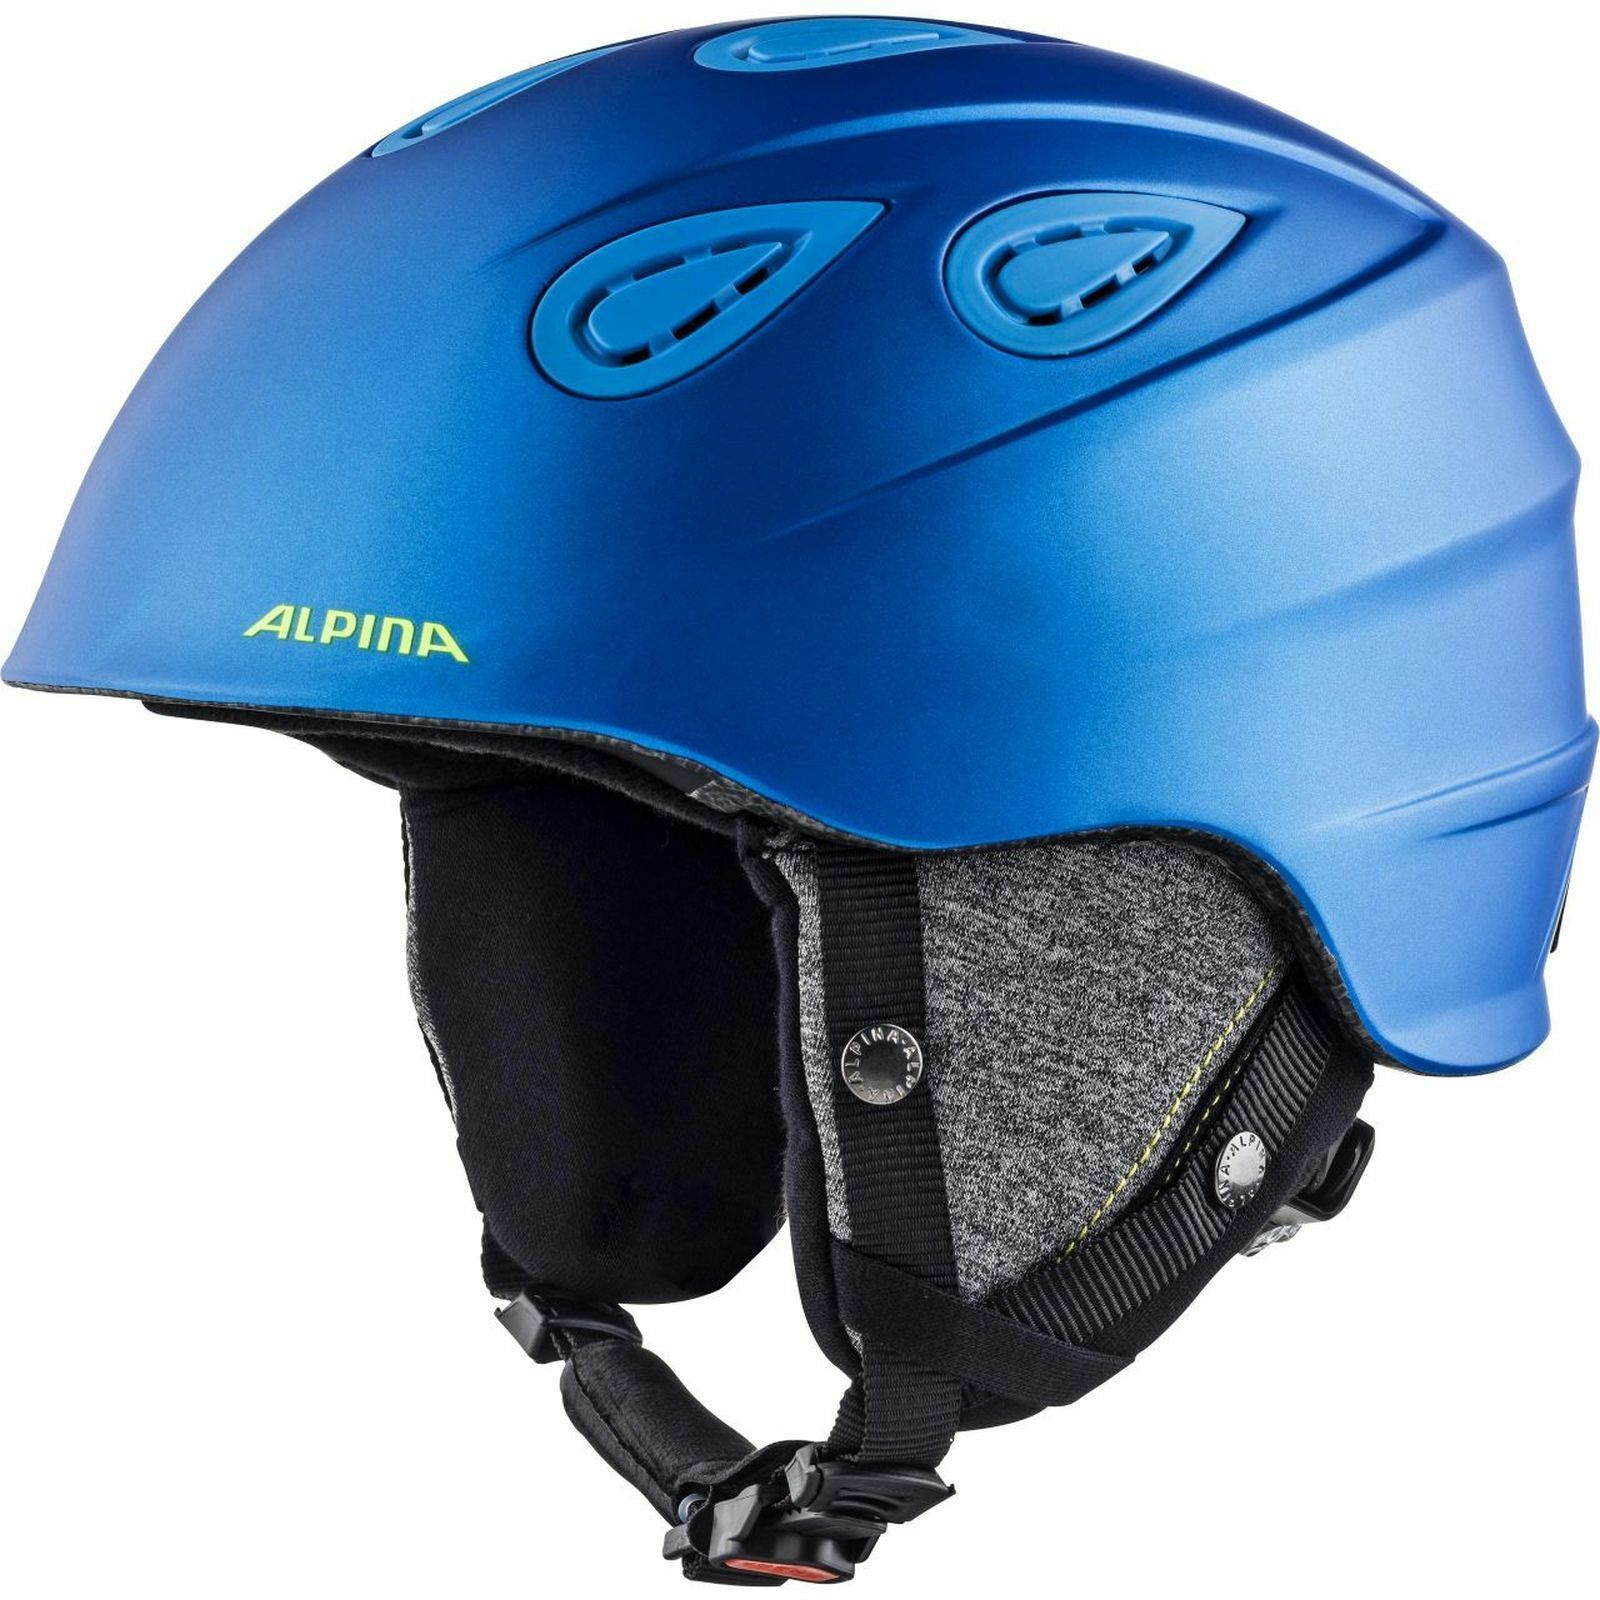 Alpina Erwachsenen Skihelm Grap 2.0 mit Lüftung bluee-neon matt